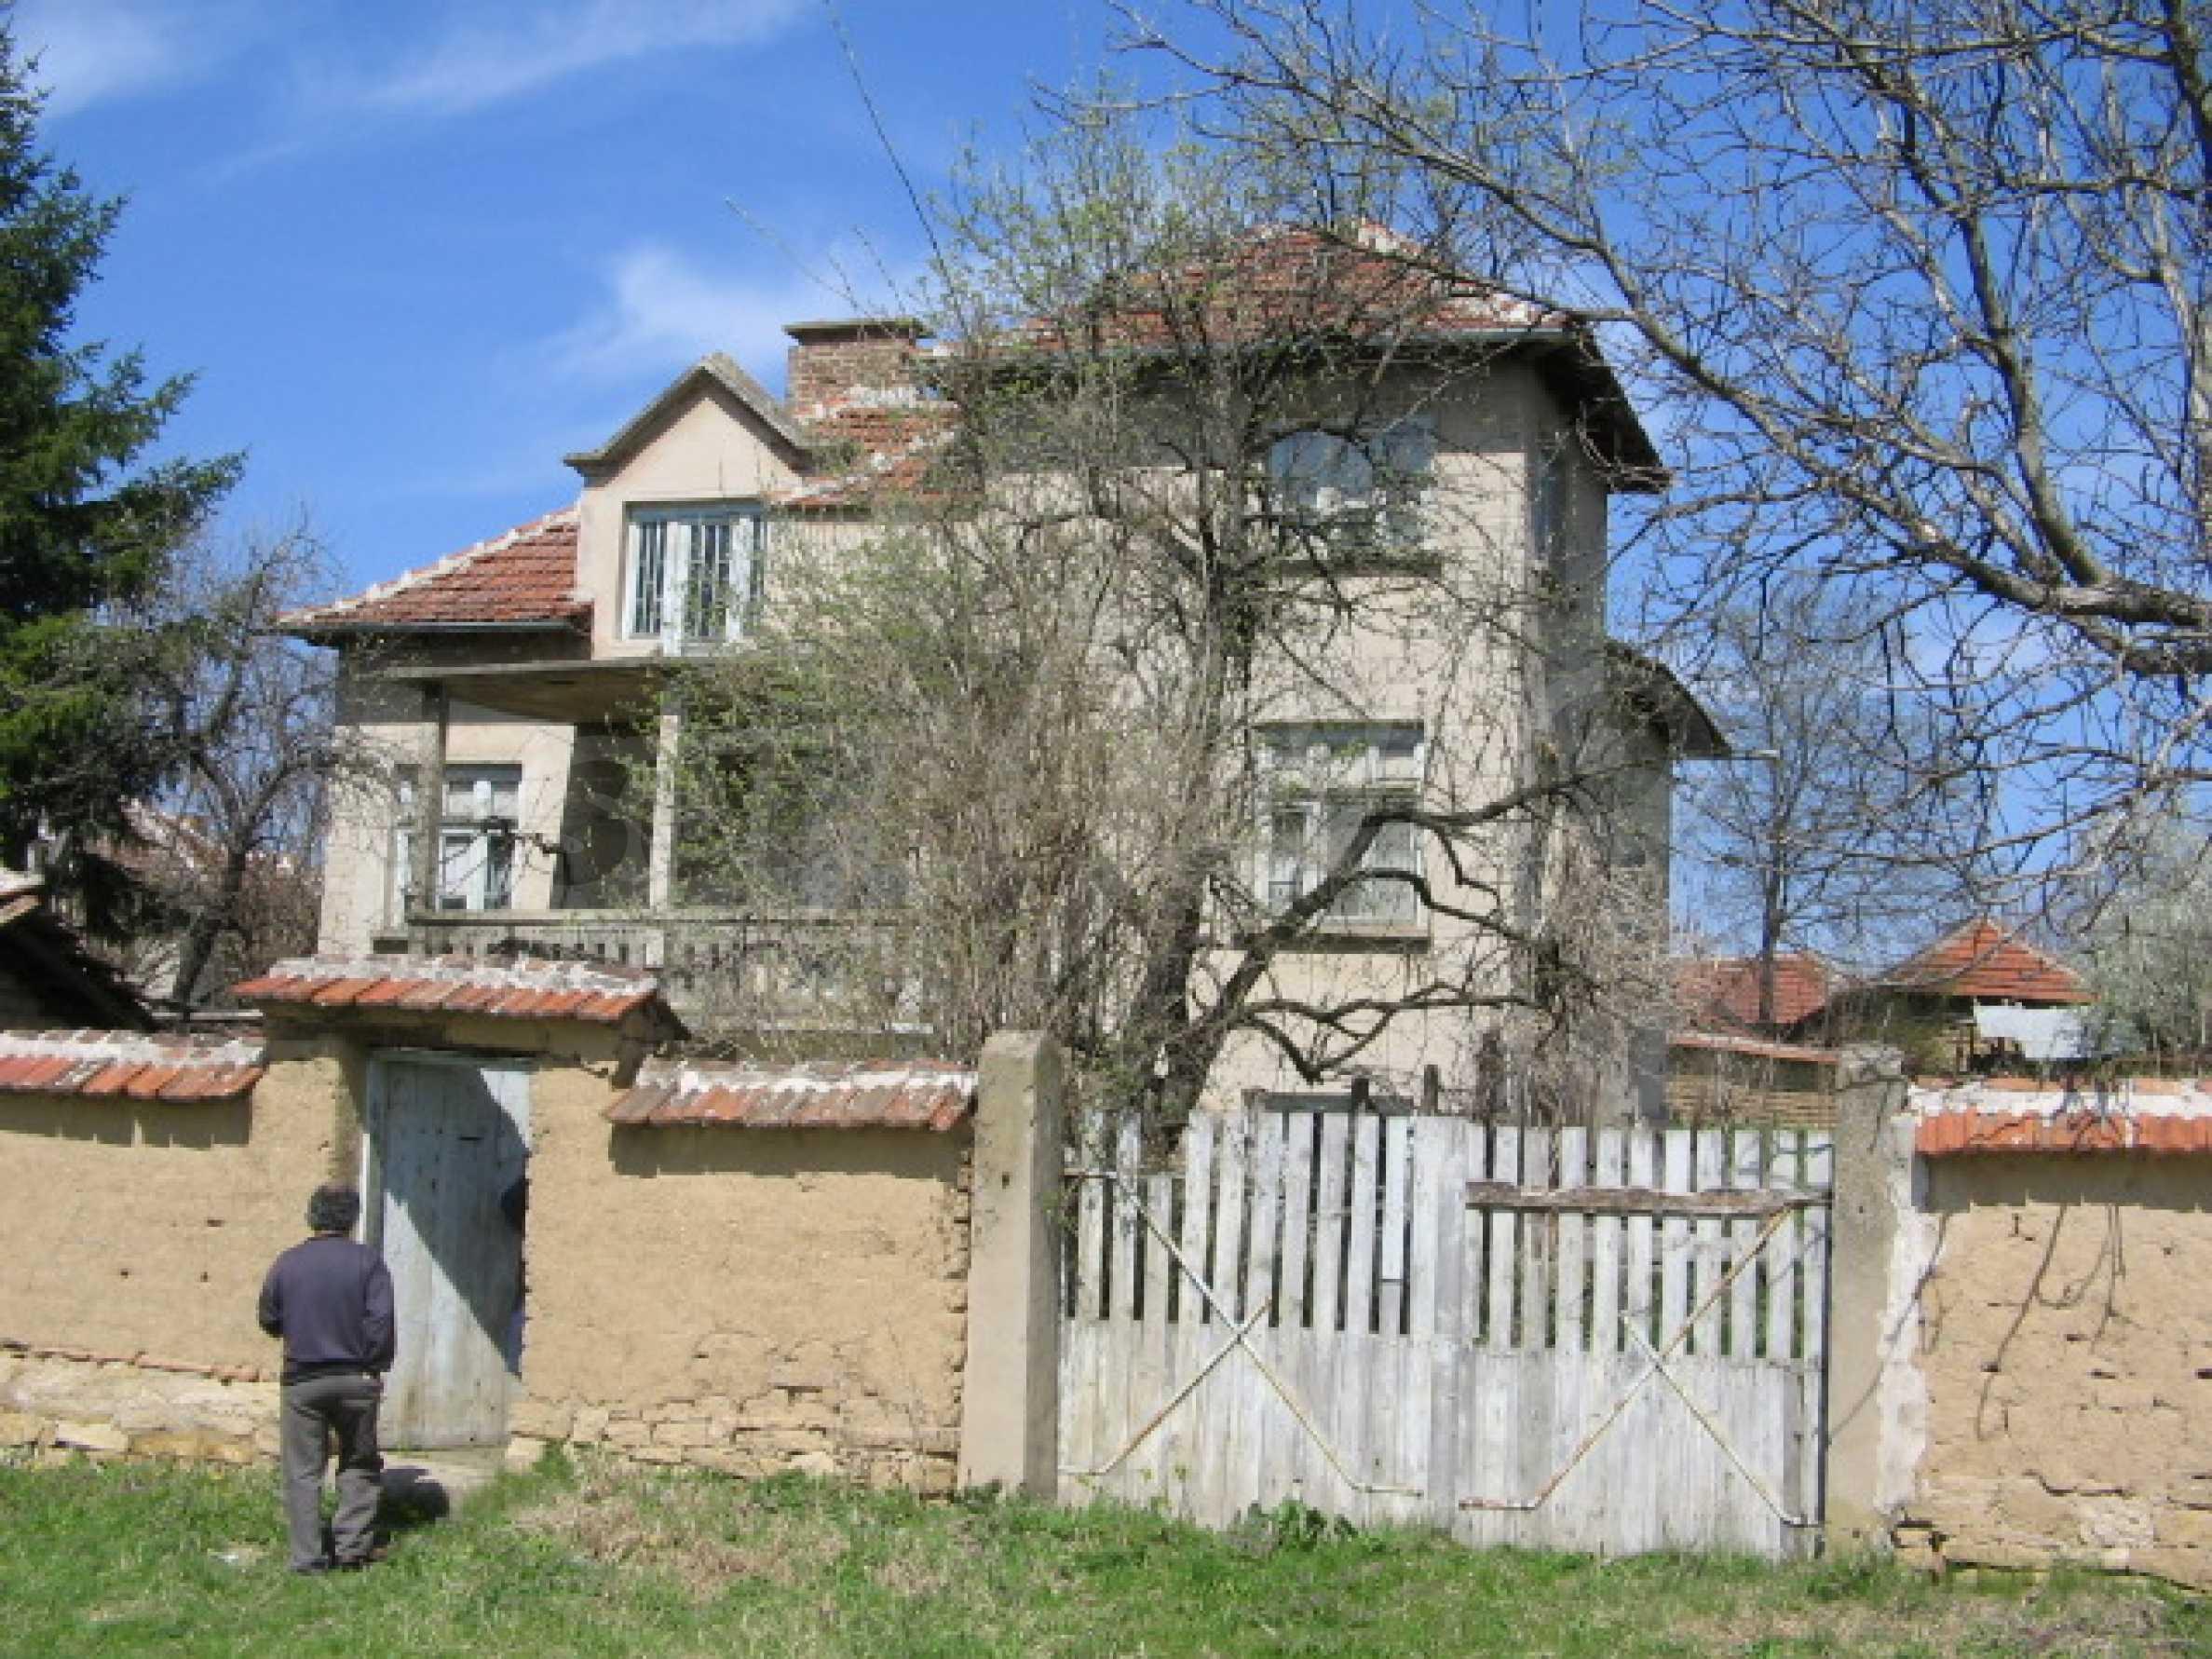 Großes Haus in der Nähe des Flusses Ogosta 1